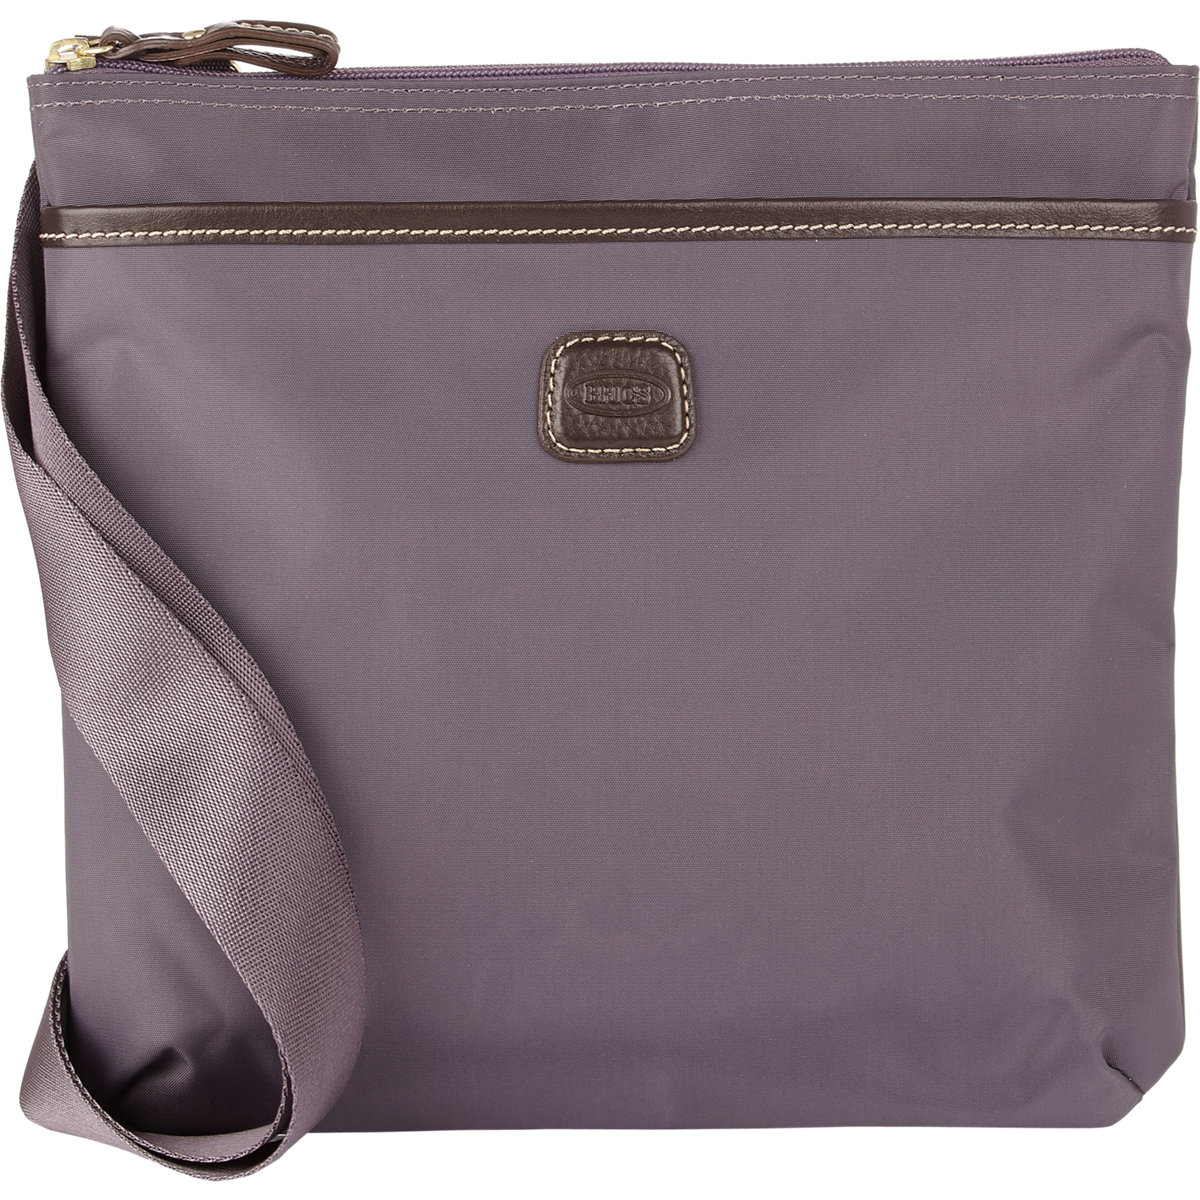 e60df2193c5 Bric S X-Bag Urban Envelope Messenger Bag in Gray for Men - Lyst